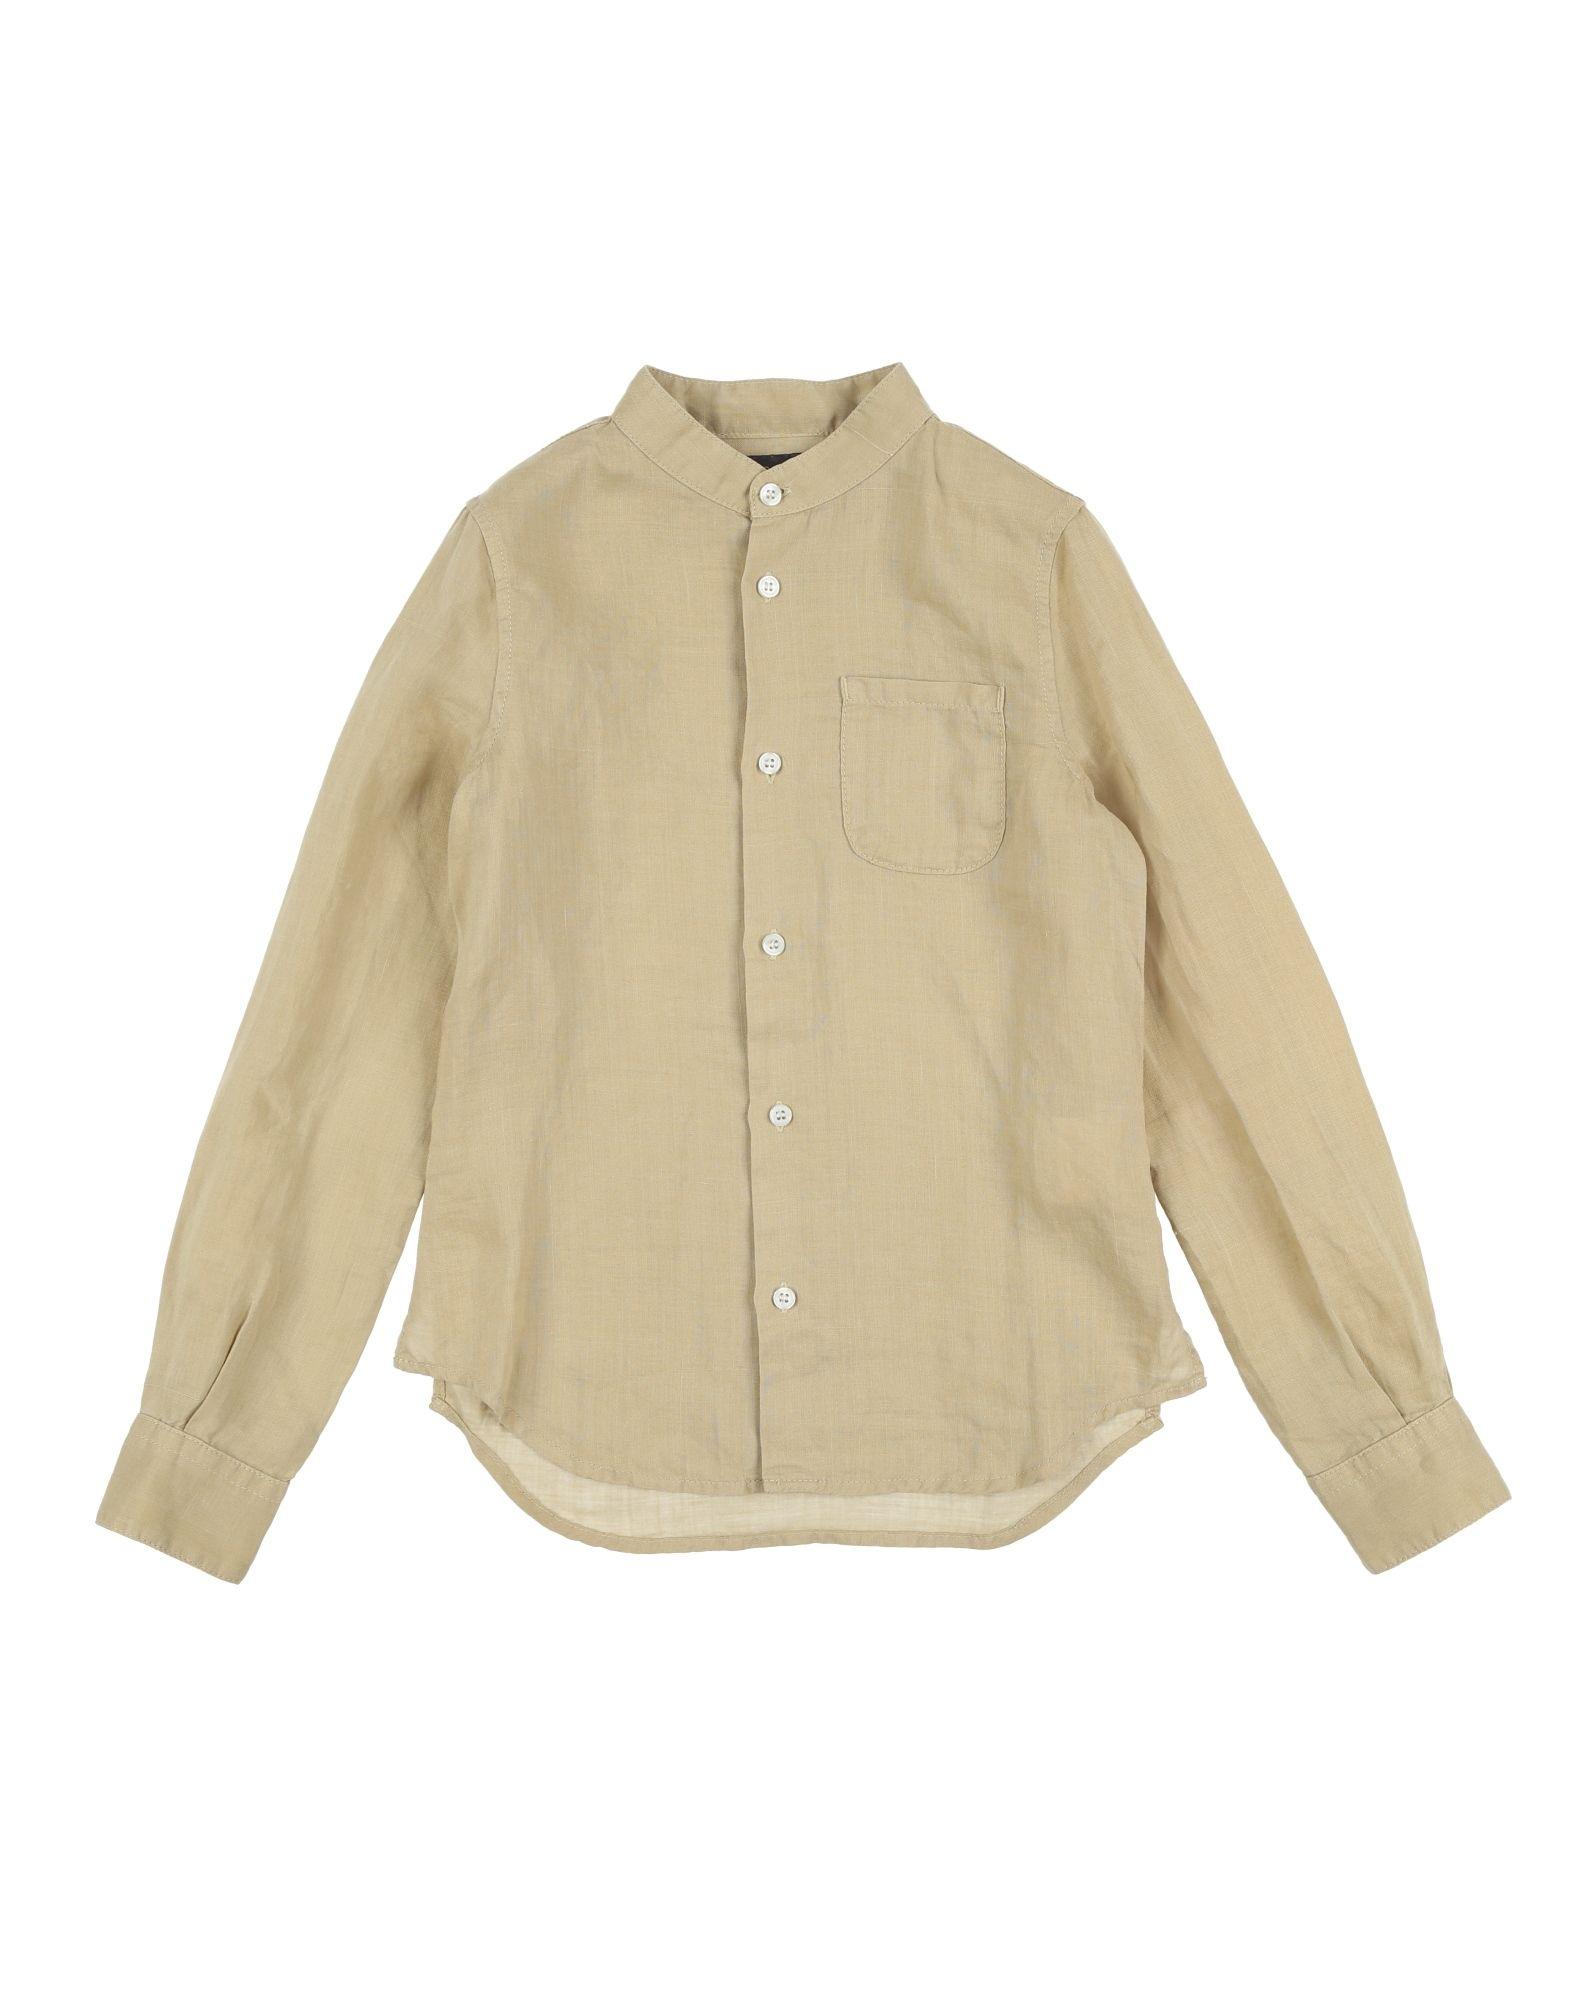 DONDUP DKING Jungen 3-8 jahre Hemd Farbe Sand Größe 6 jetztbilligerkaufen